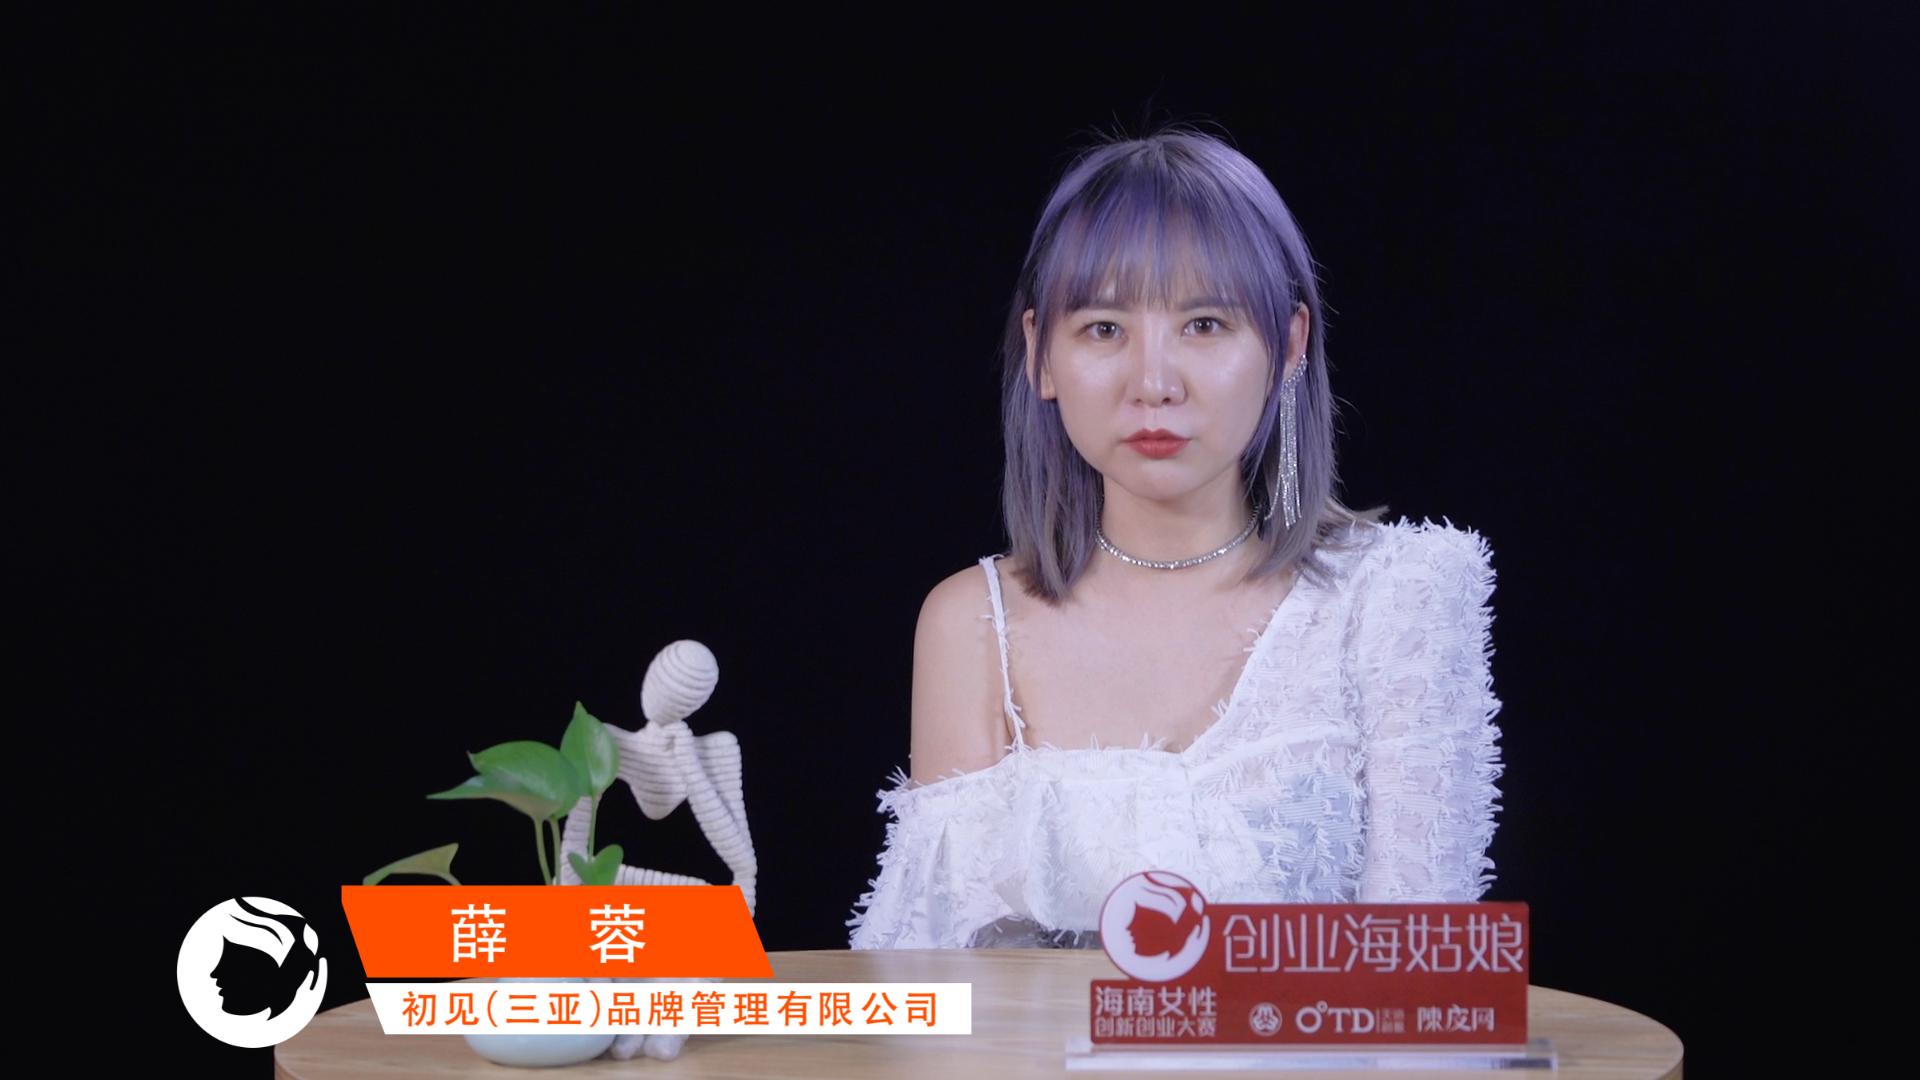 创业海姑娘|初见品牌管理薛蓉,不负岁月,遇见花开